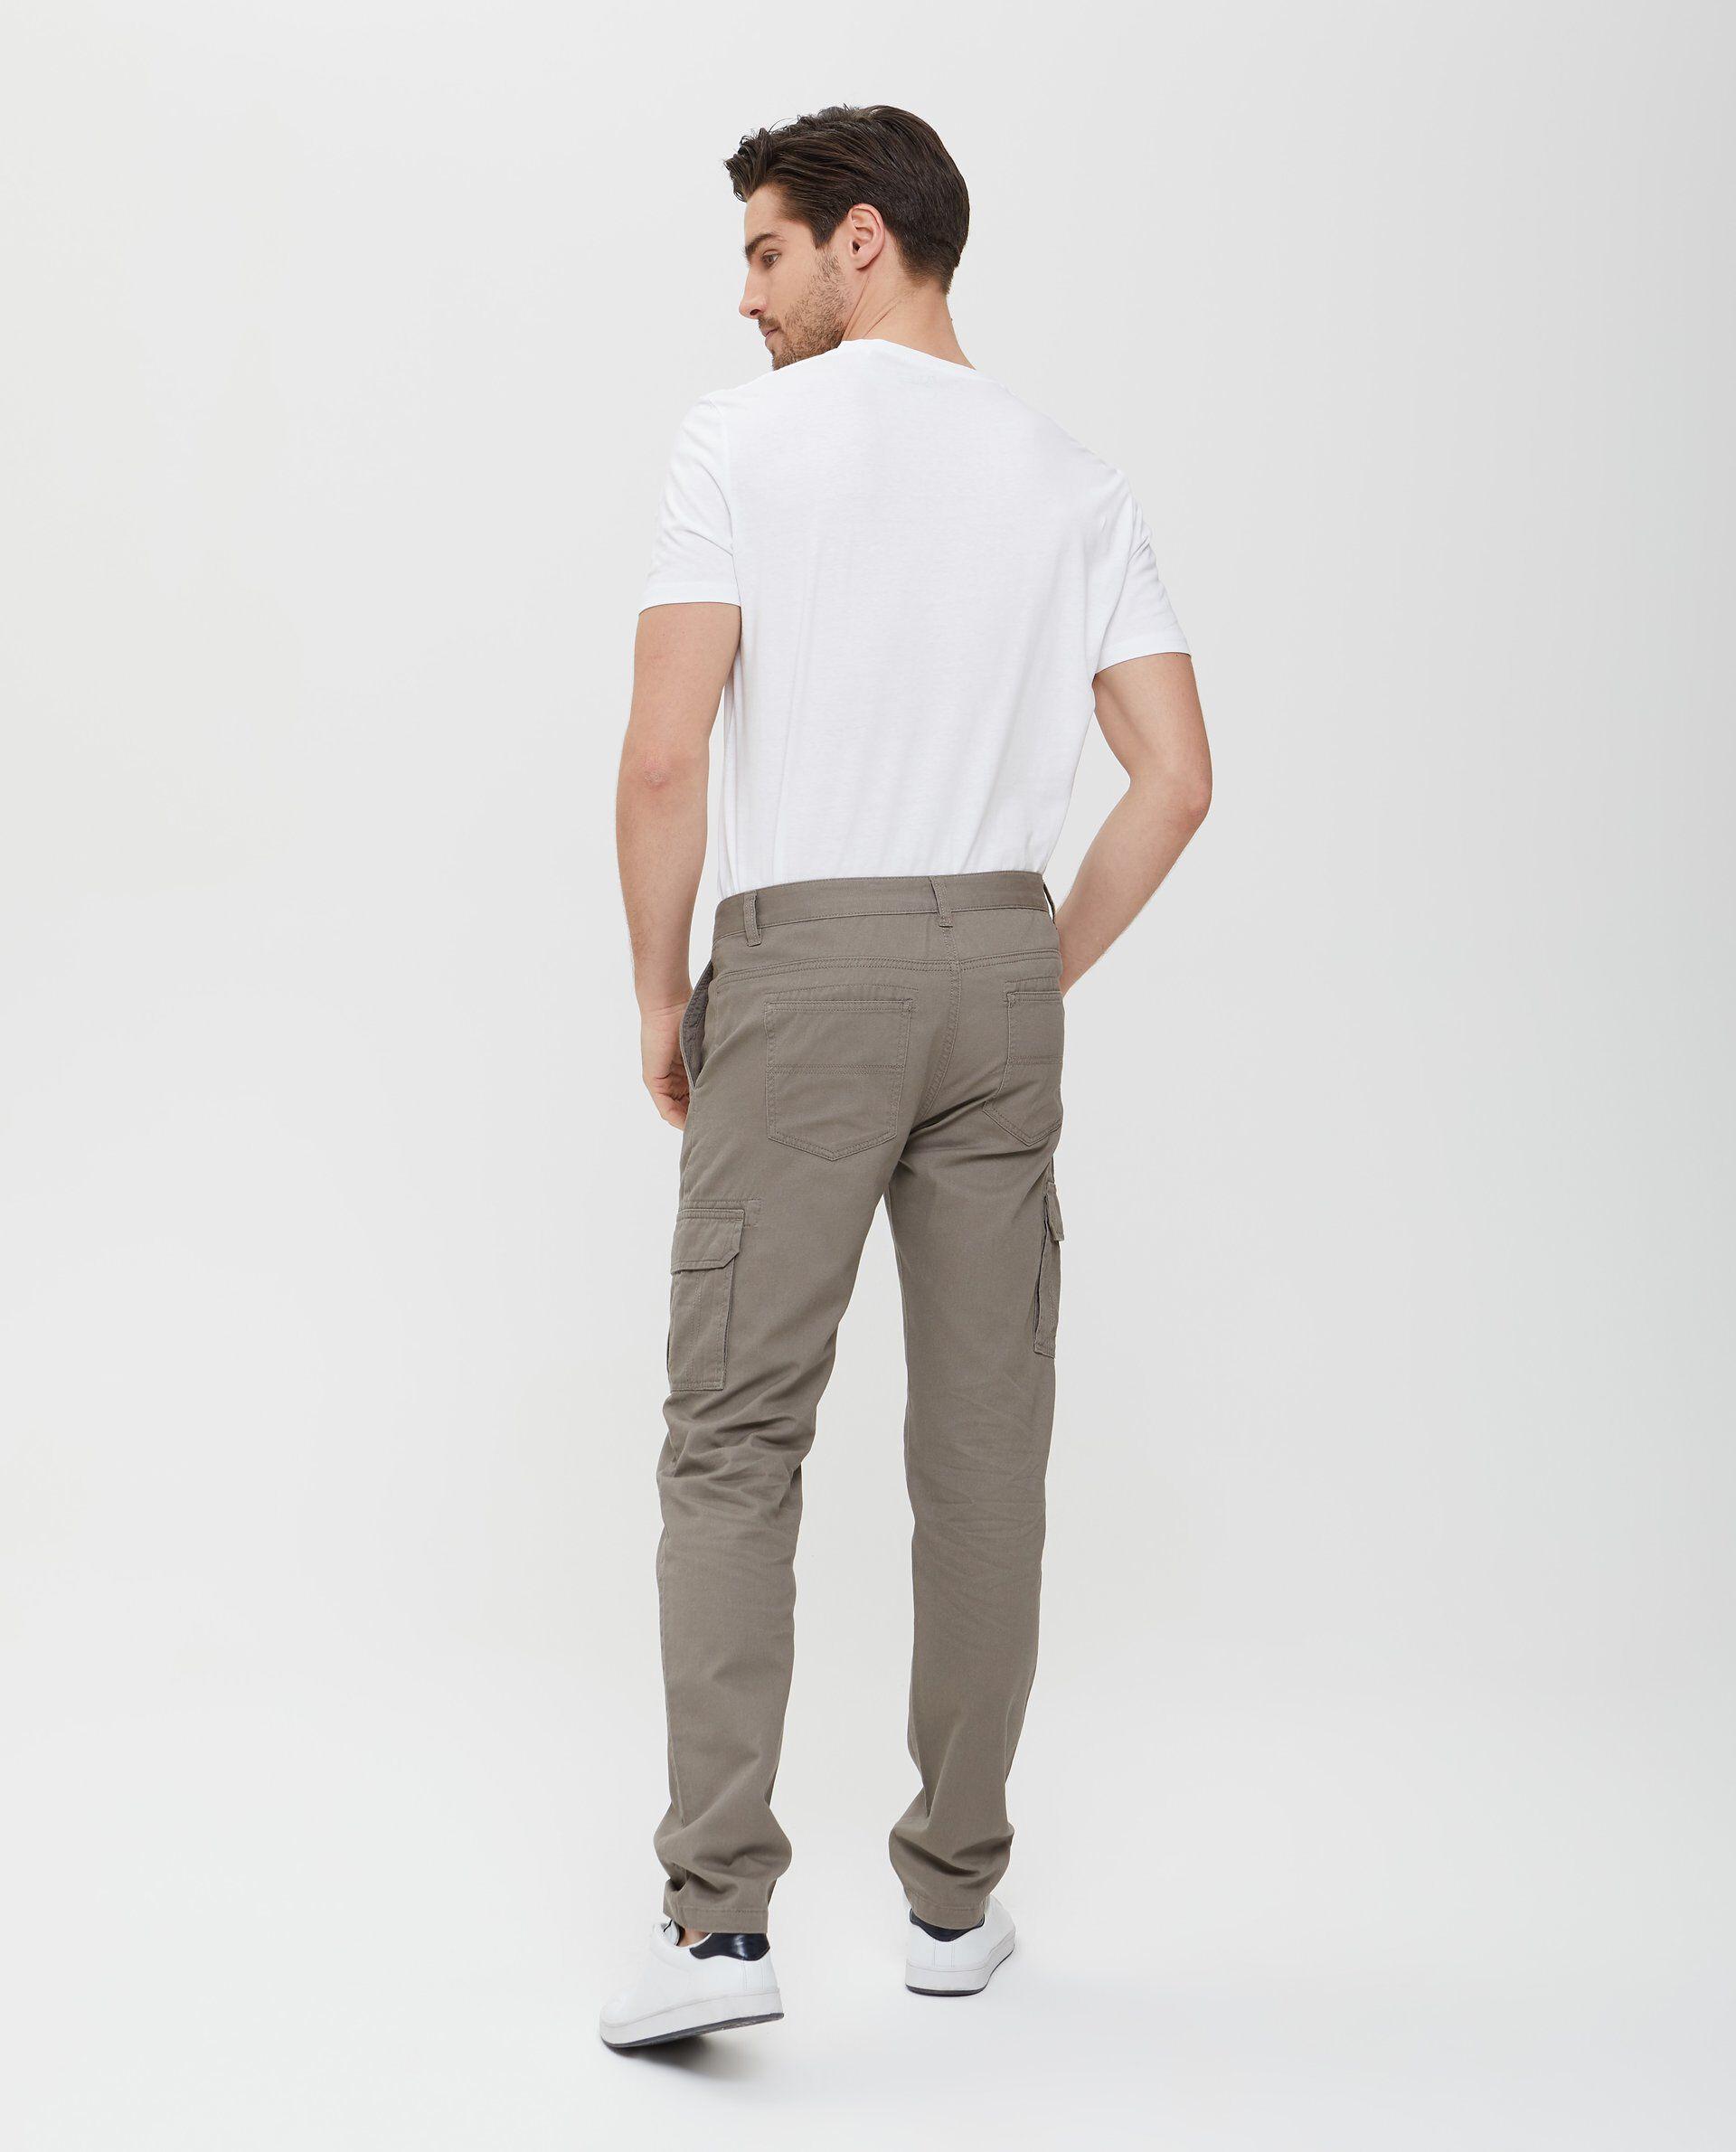 Pantaloni in puro cotone marroni cargo uomo